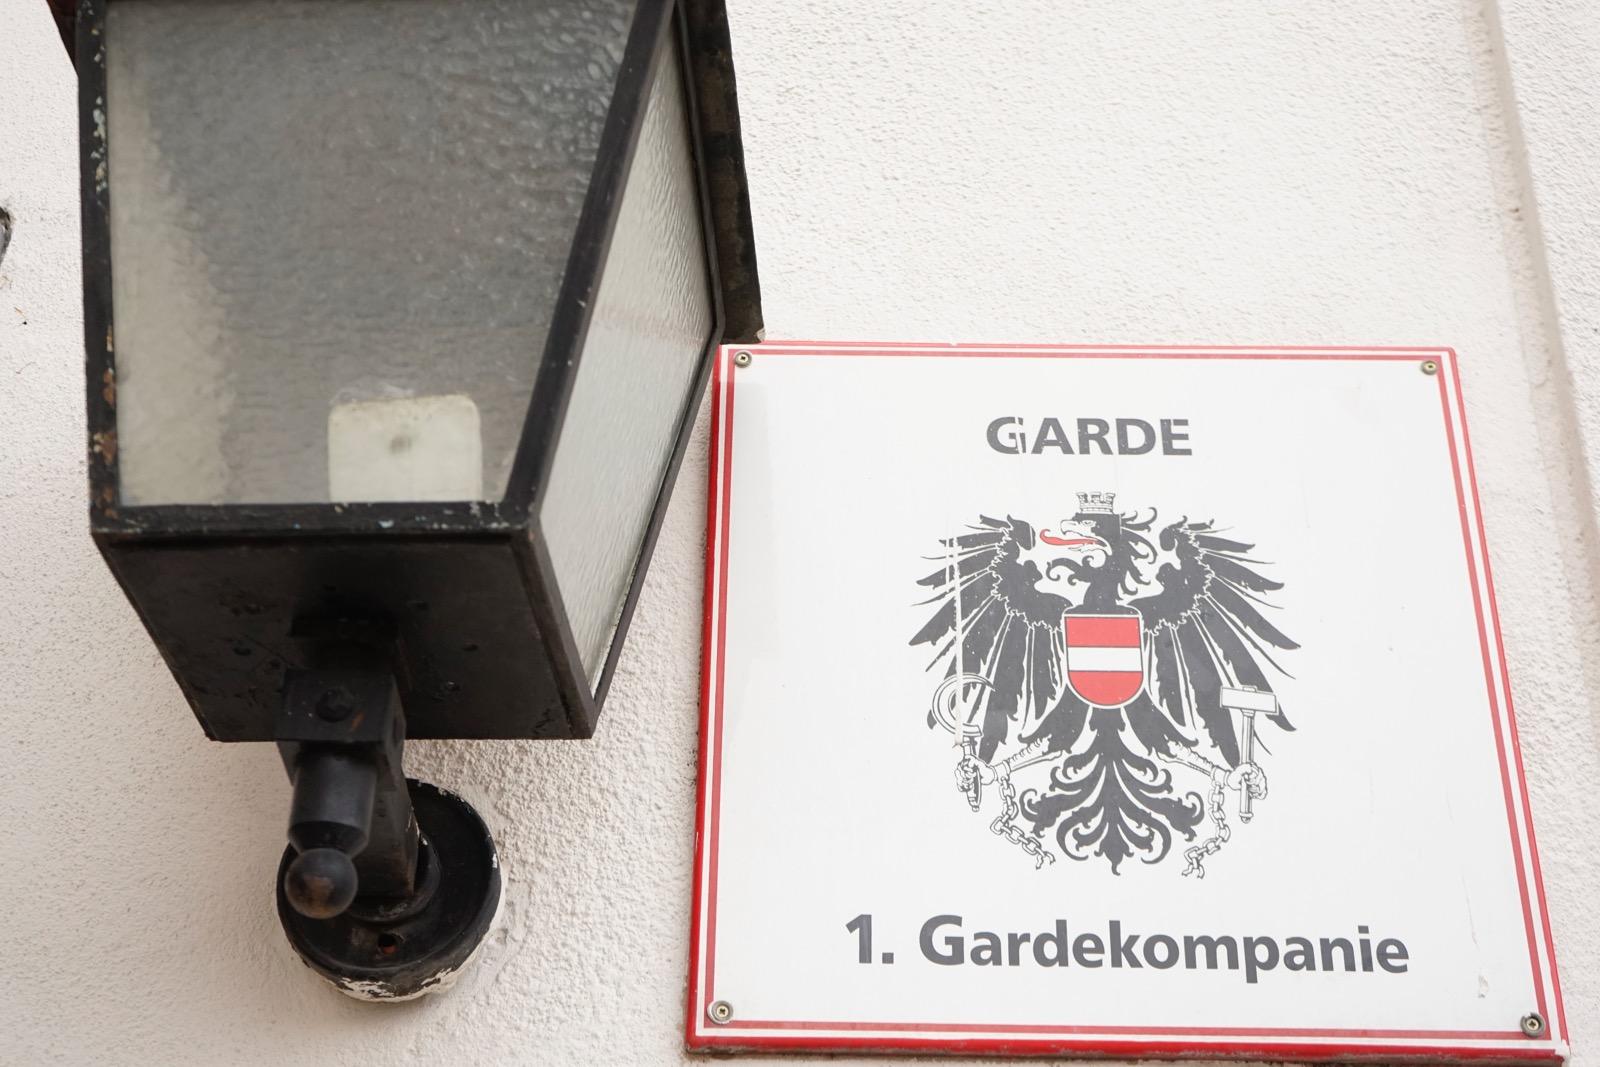 2018_11_05_1Gardekompanie_Einrücken - 1 of 8